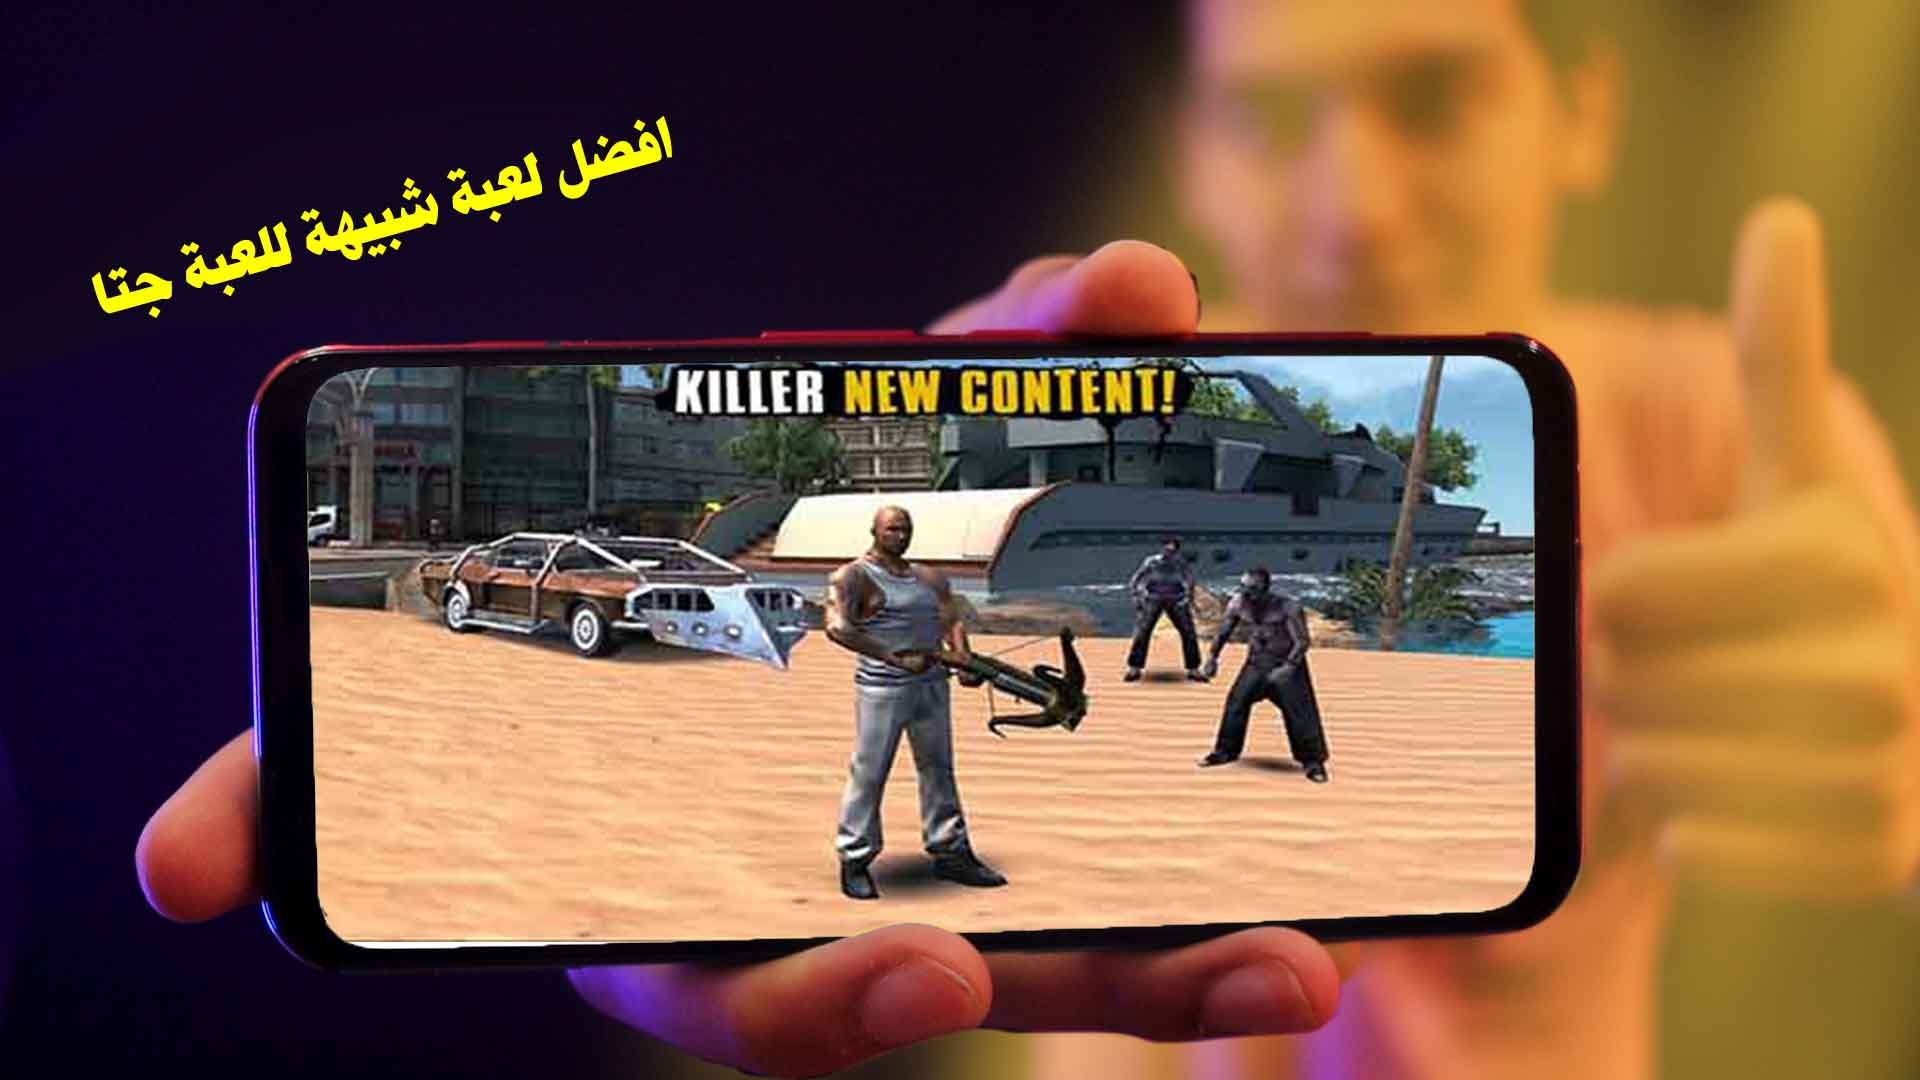 افضل لعبة شبيهة لـ GTA للاندرويد (Gangstar Rio: City of Saints) نسخة مدفوعة مجانا .